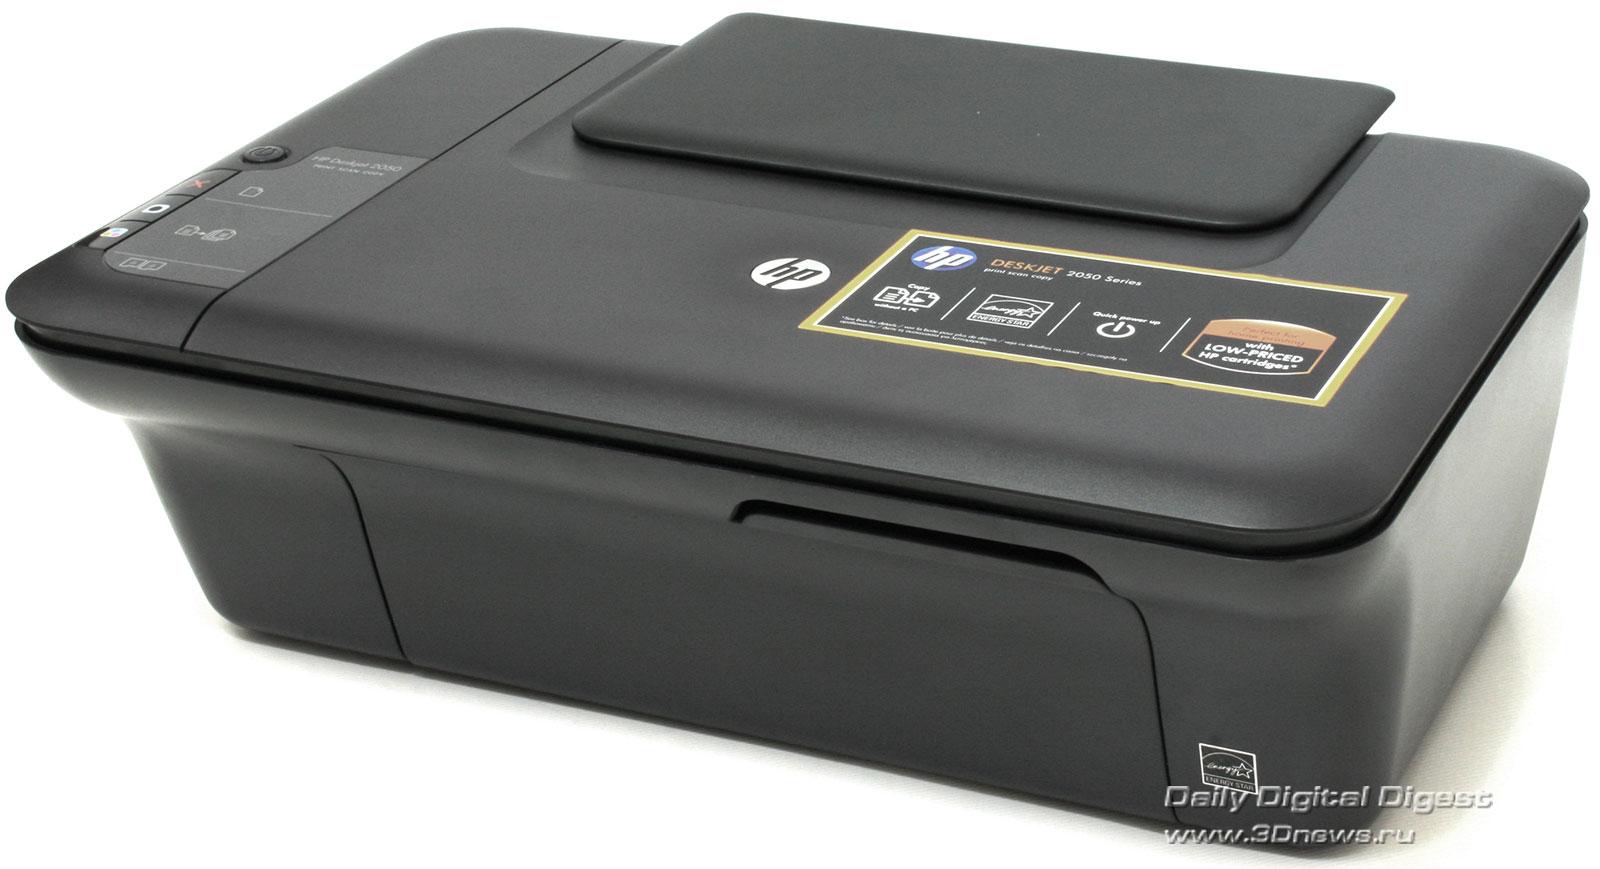 Скачать драйвер принтер hp deskjet 2050a